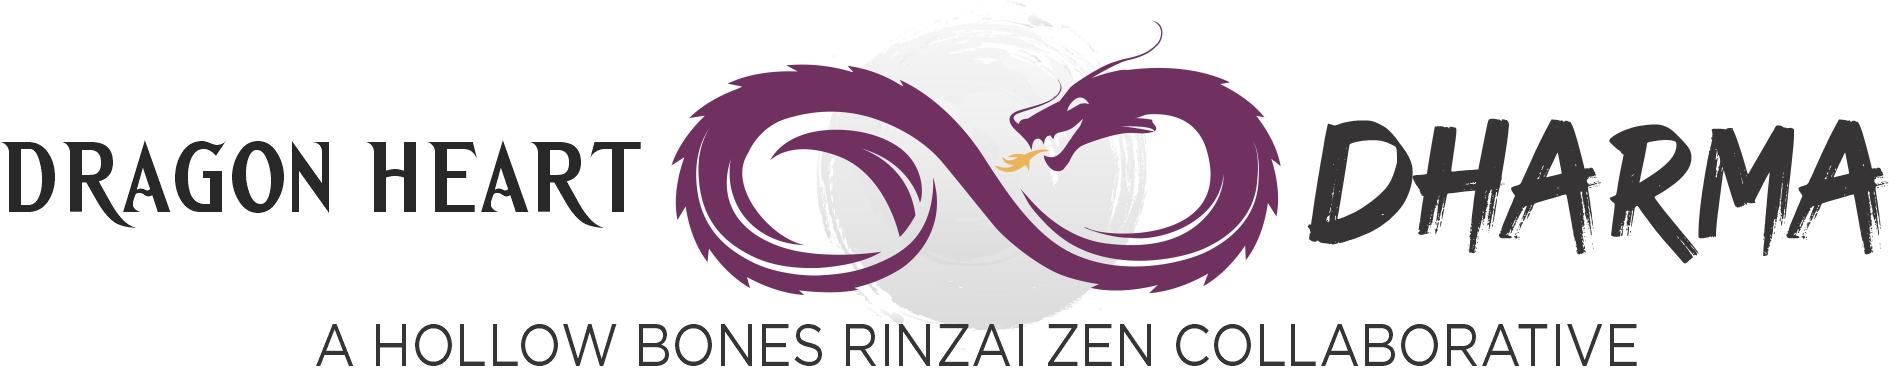 Dragon Heart Dharma: A Hollow Bones Rinzai Zen Community